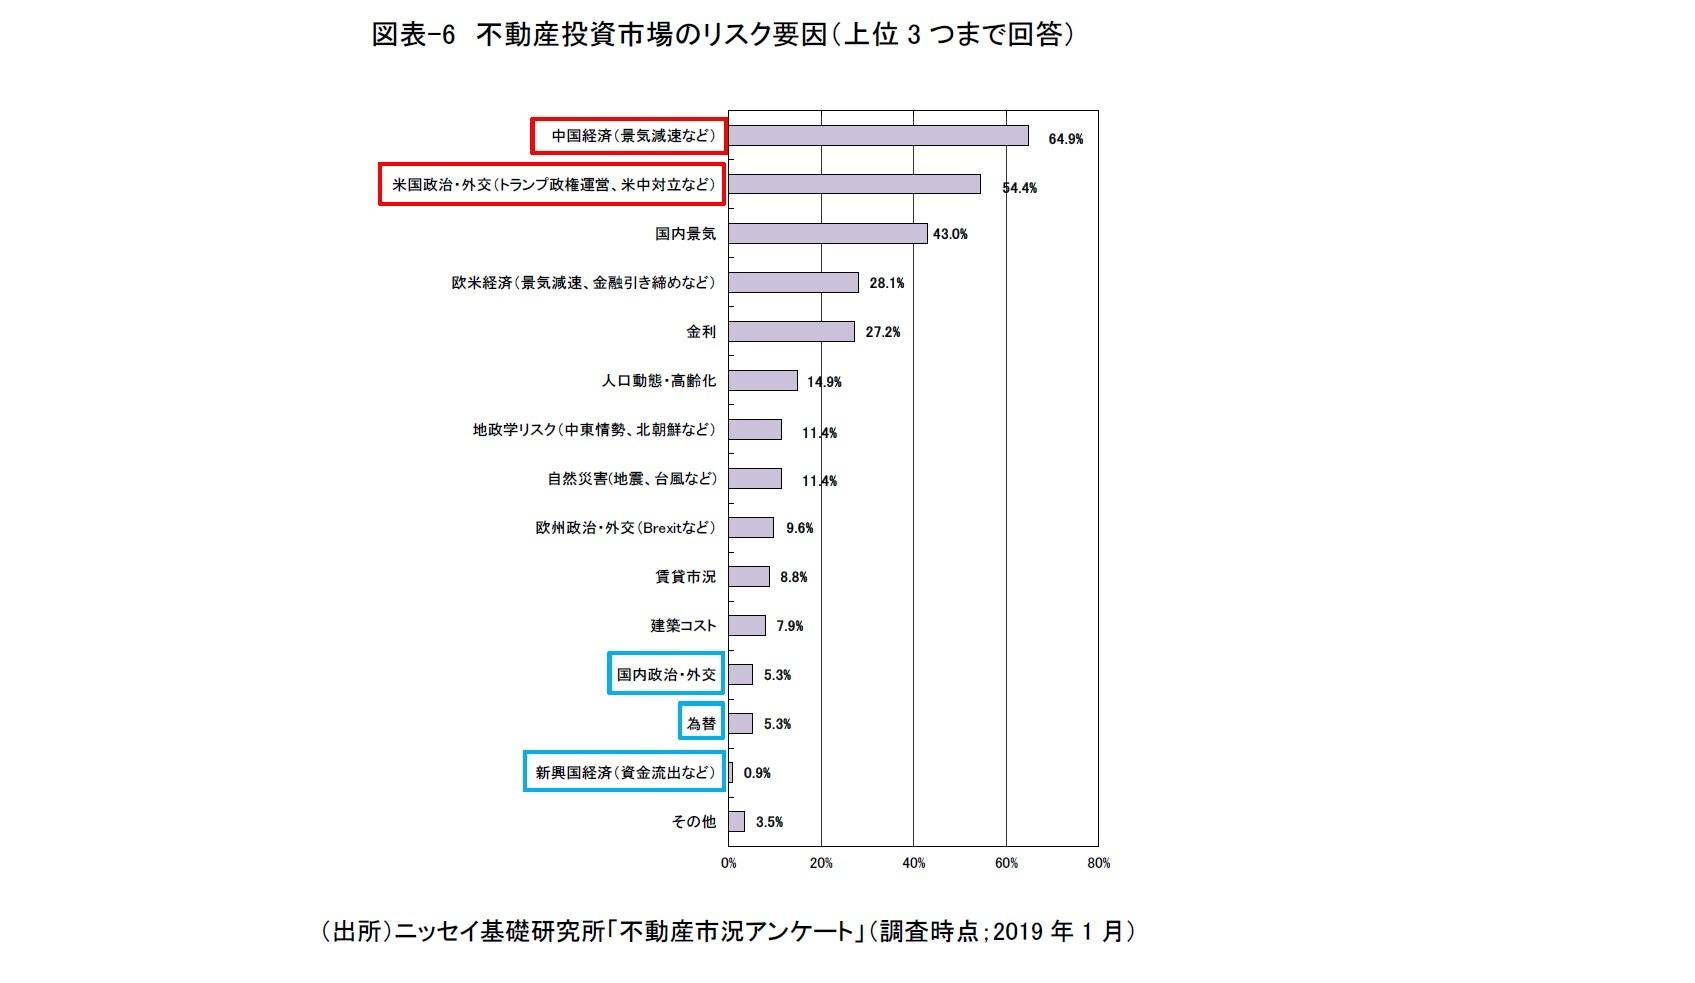 図表-6 不動産投資市場のリスク要因(上位3つまで回答)